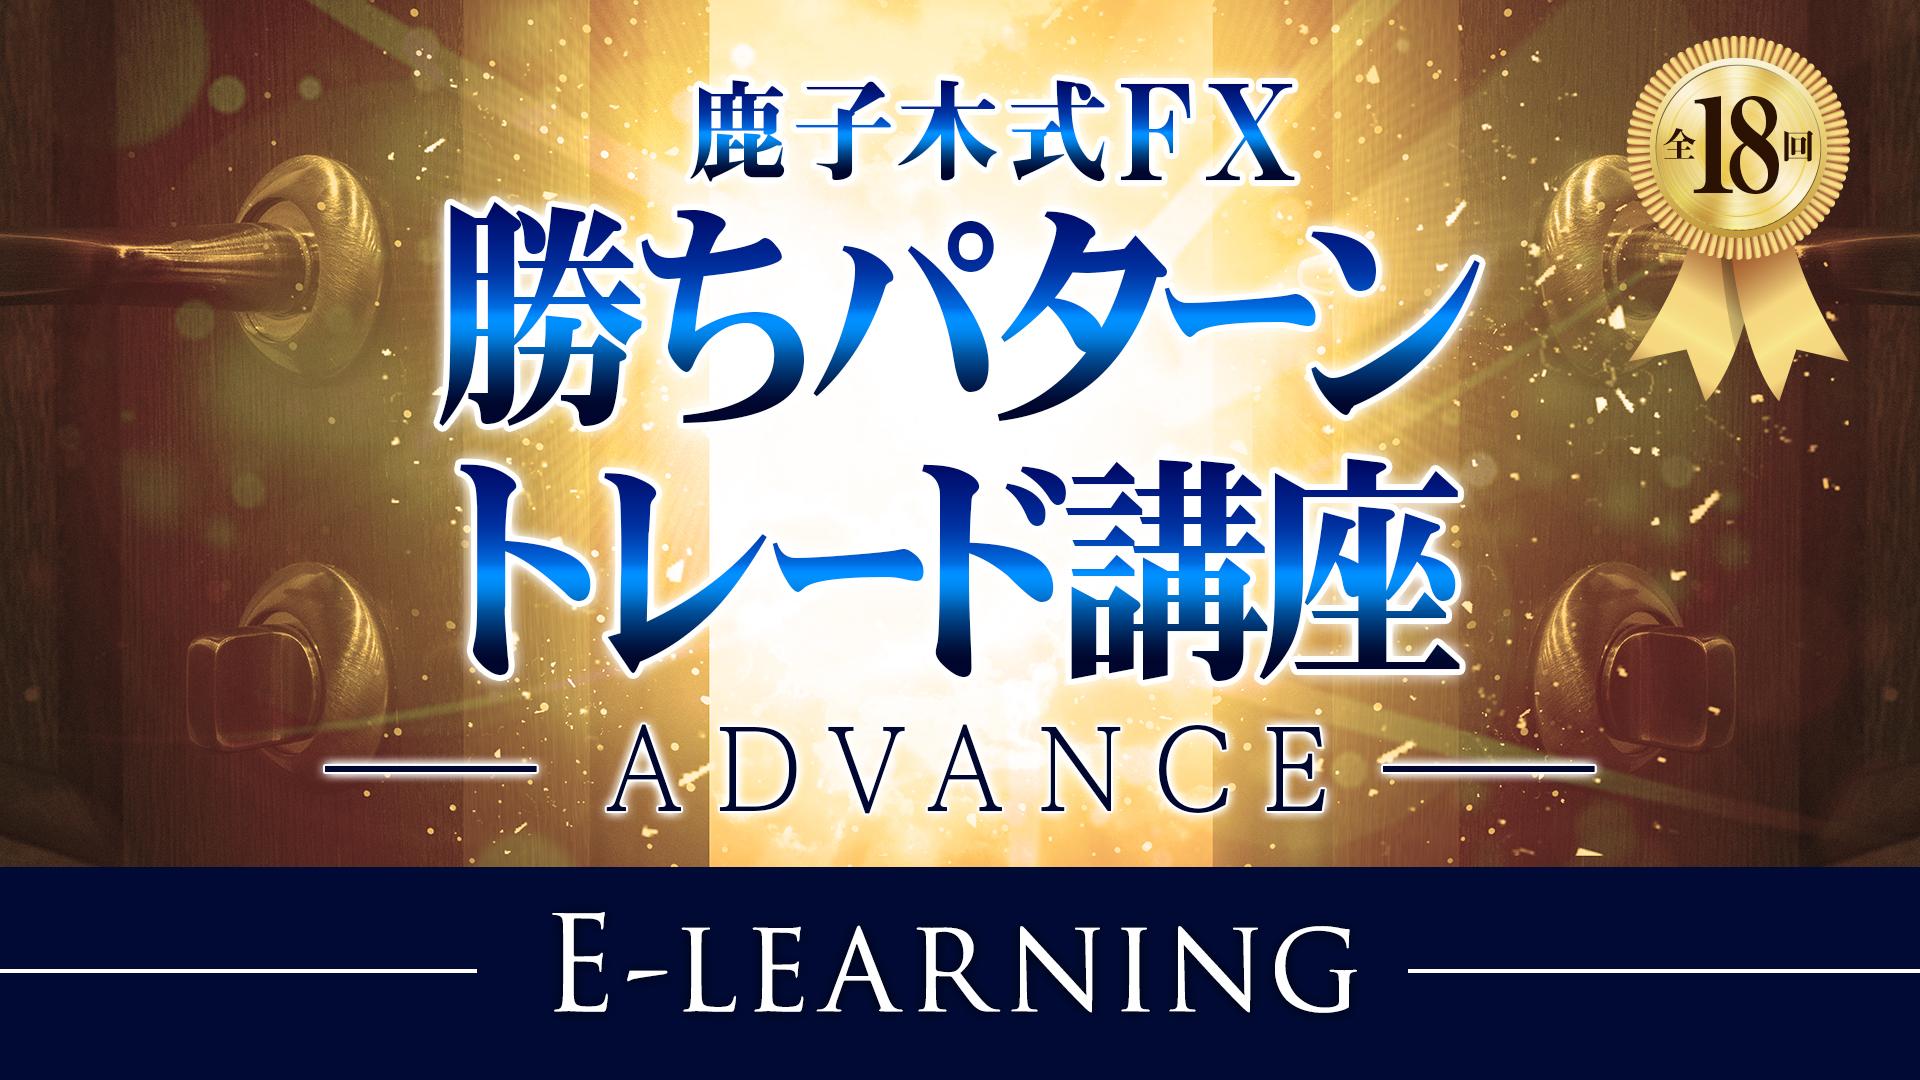 鹿子木式勝ちパターントレード講座アドバンス